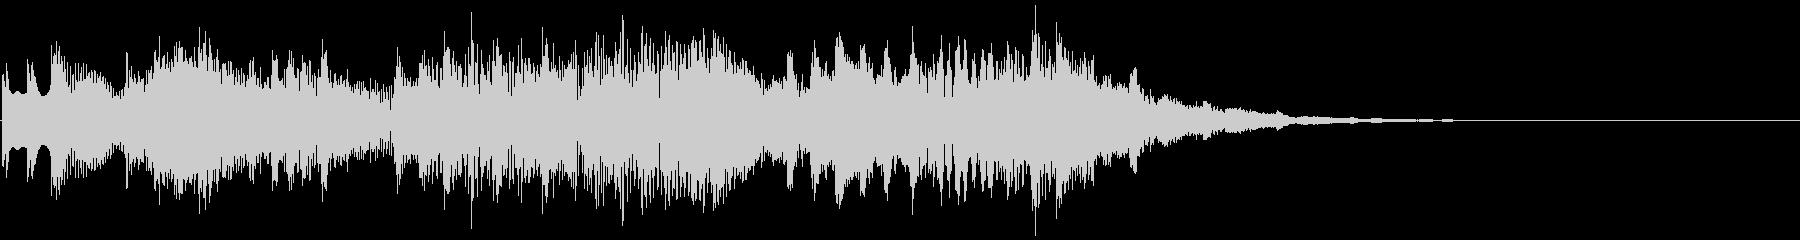 ポロロポロロロ(派手・アイキャッチ)の未再生の波形